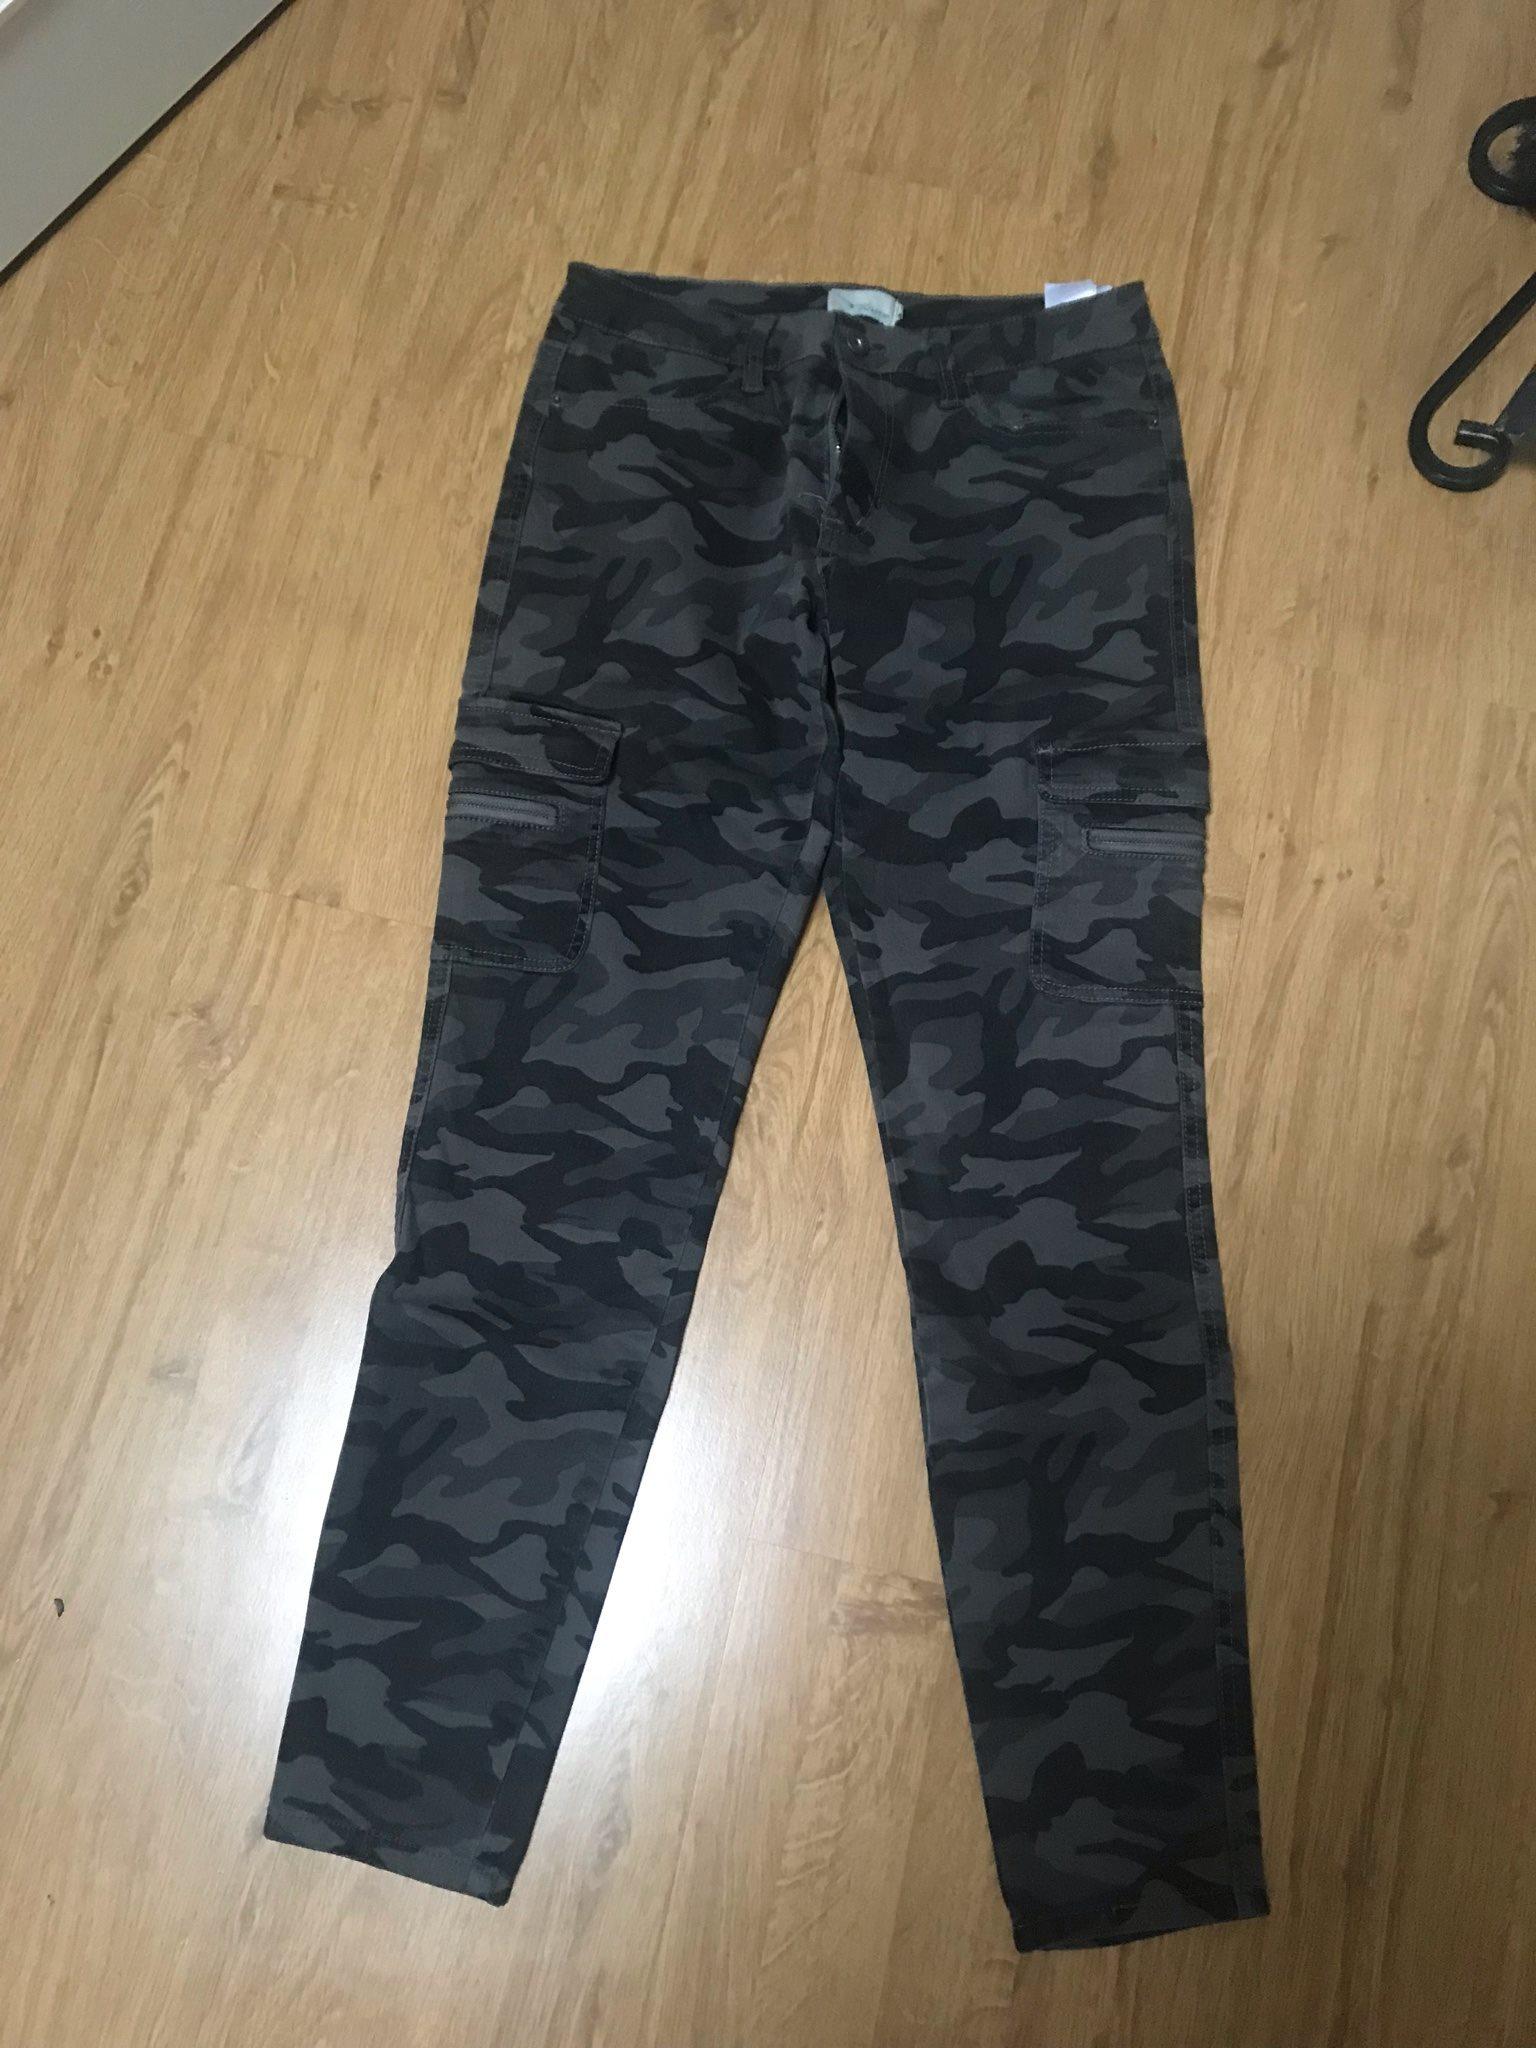 Camouflagefärgade jeans med fickor (337899464) ᐈ Köp på Tradera e40faf80791b3